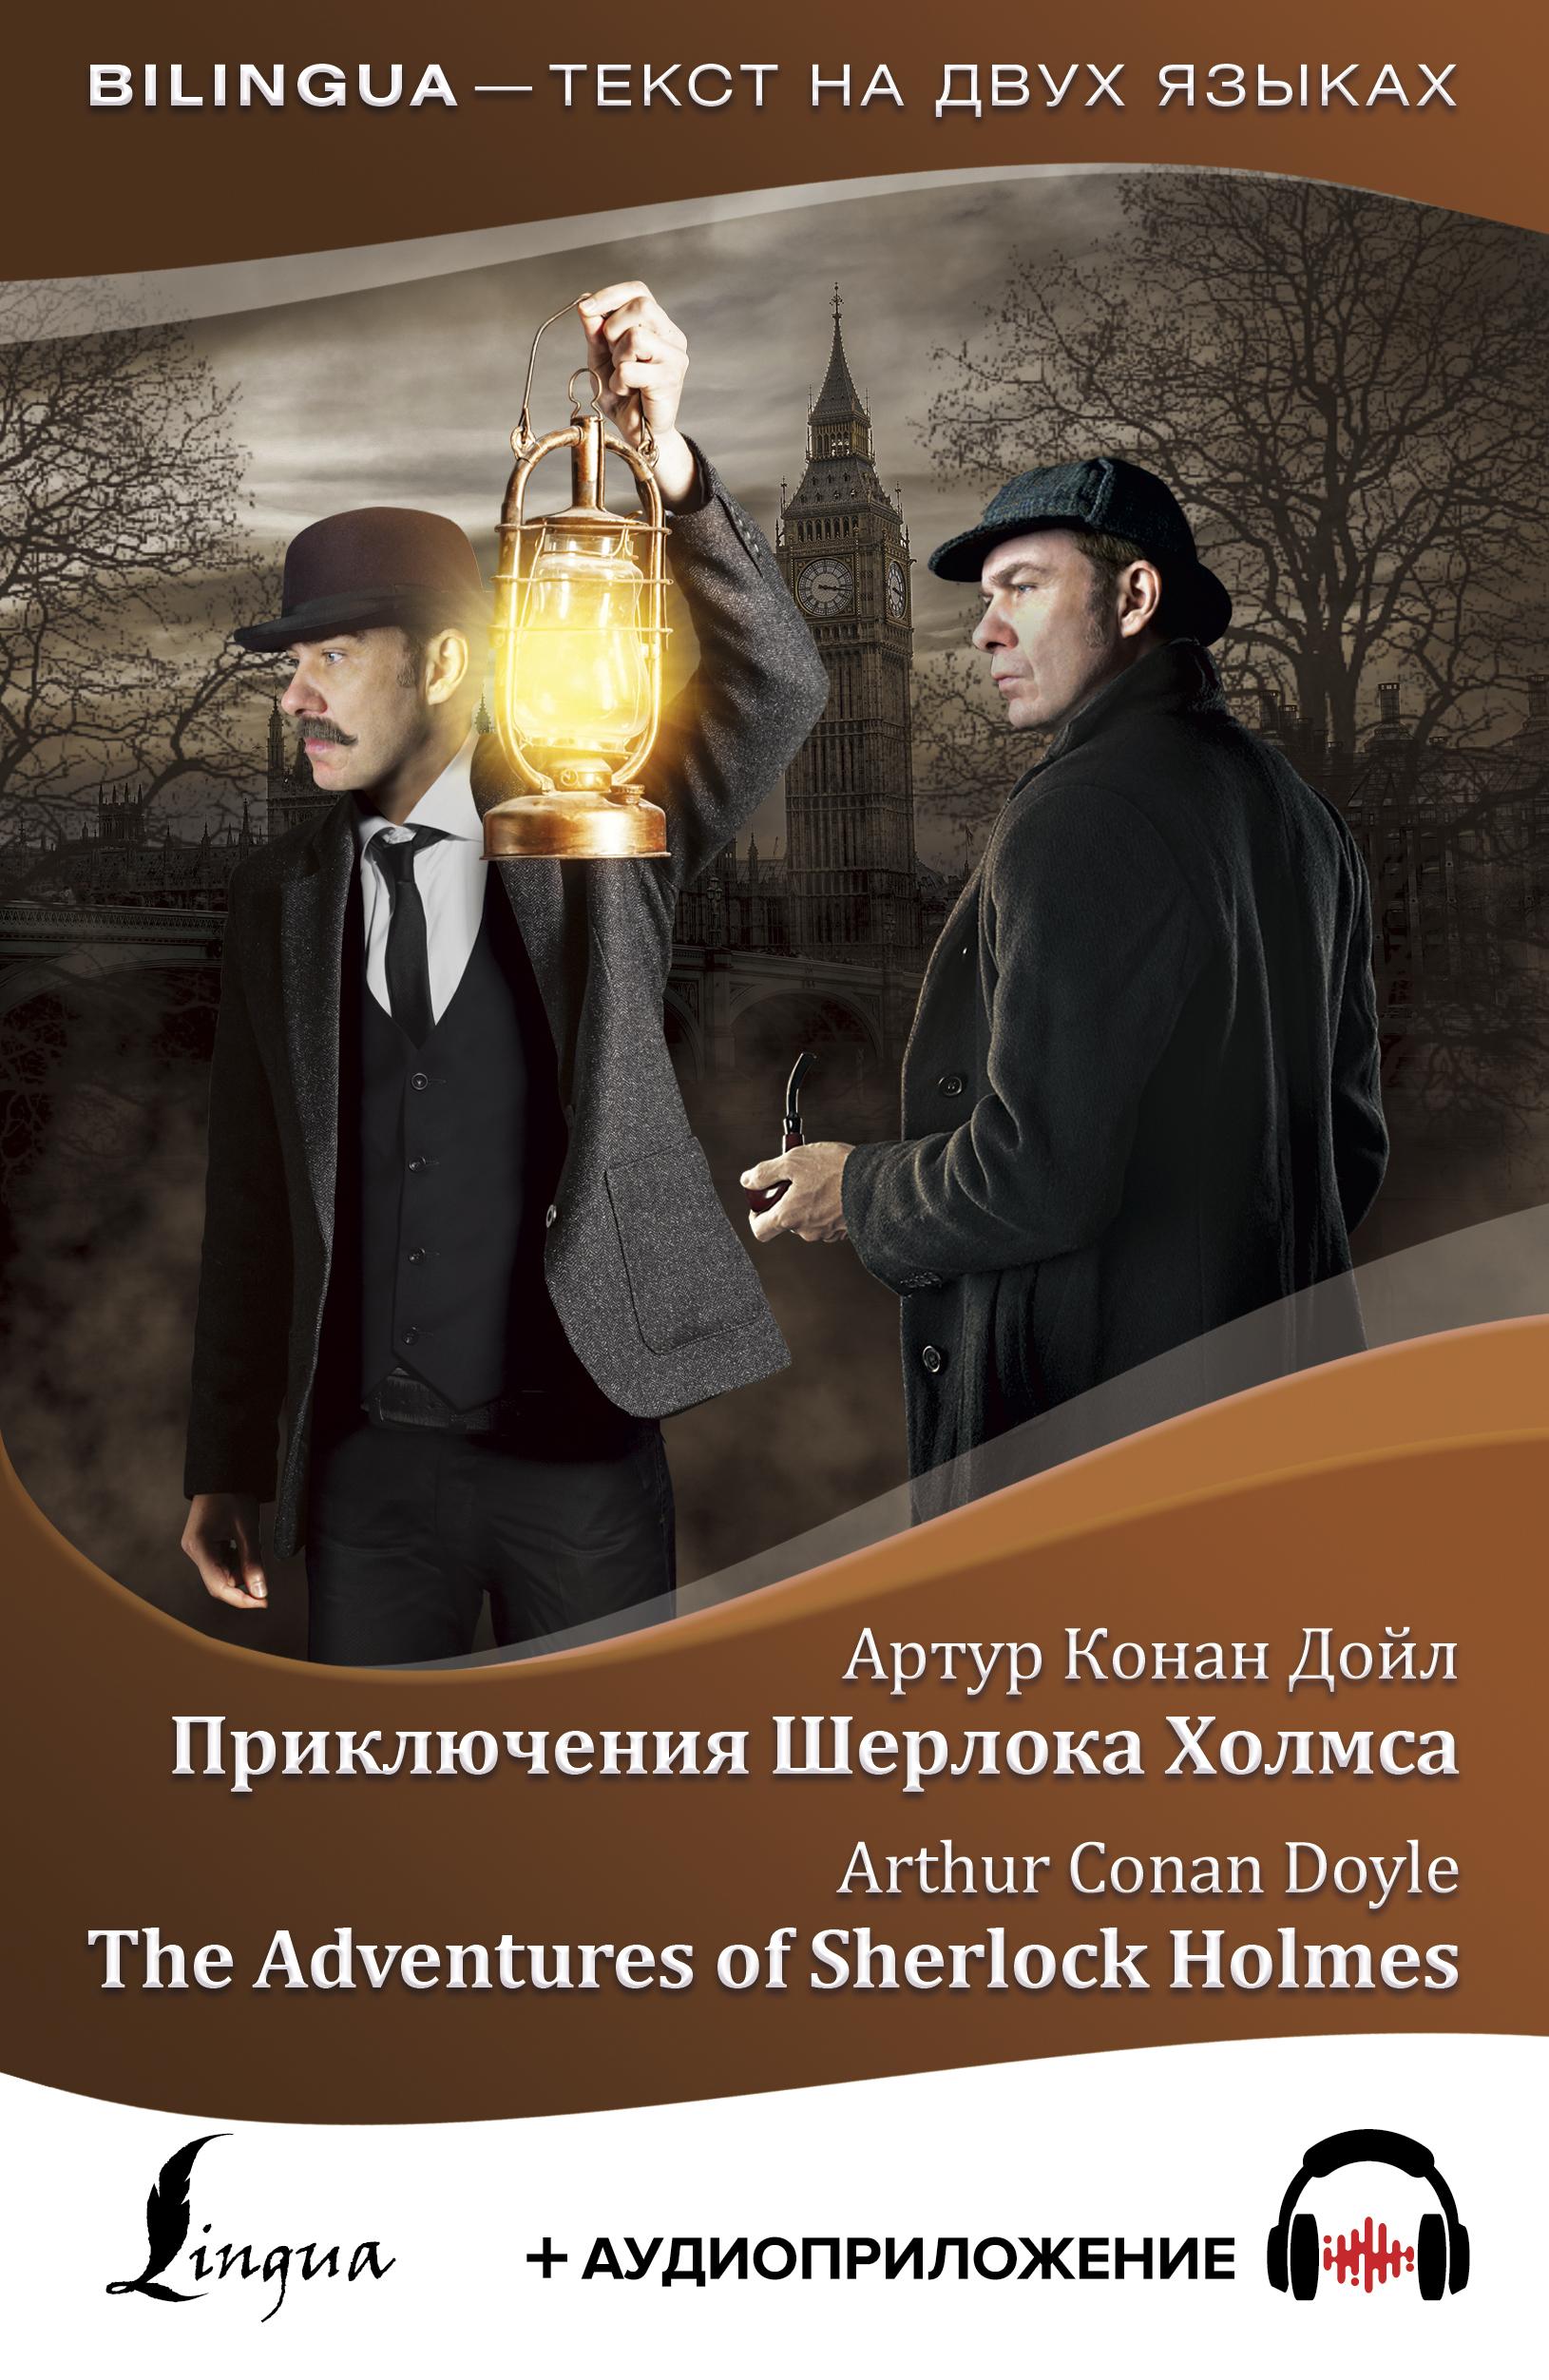 Приключения Шерлока Холмса / The Adventures of Sherlock Holmes (+ аудиоприложение LECTA)